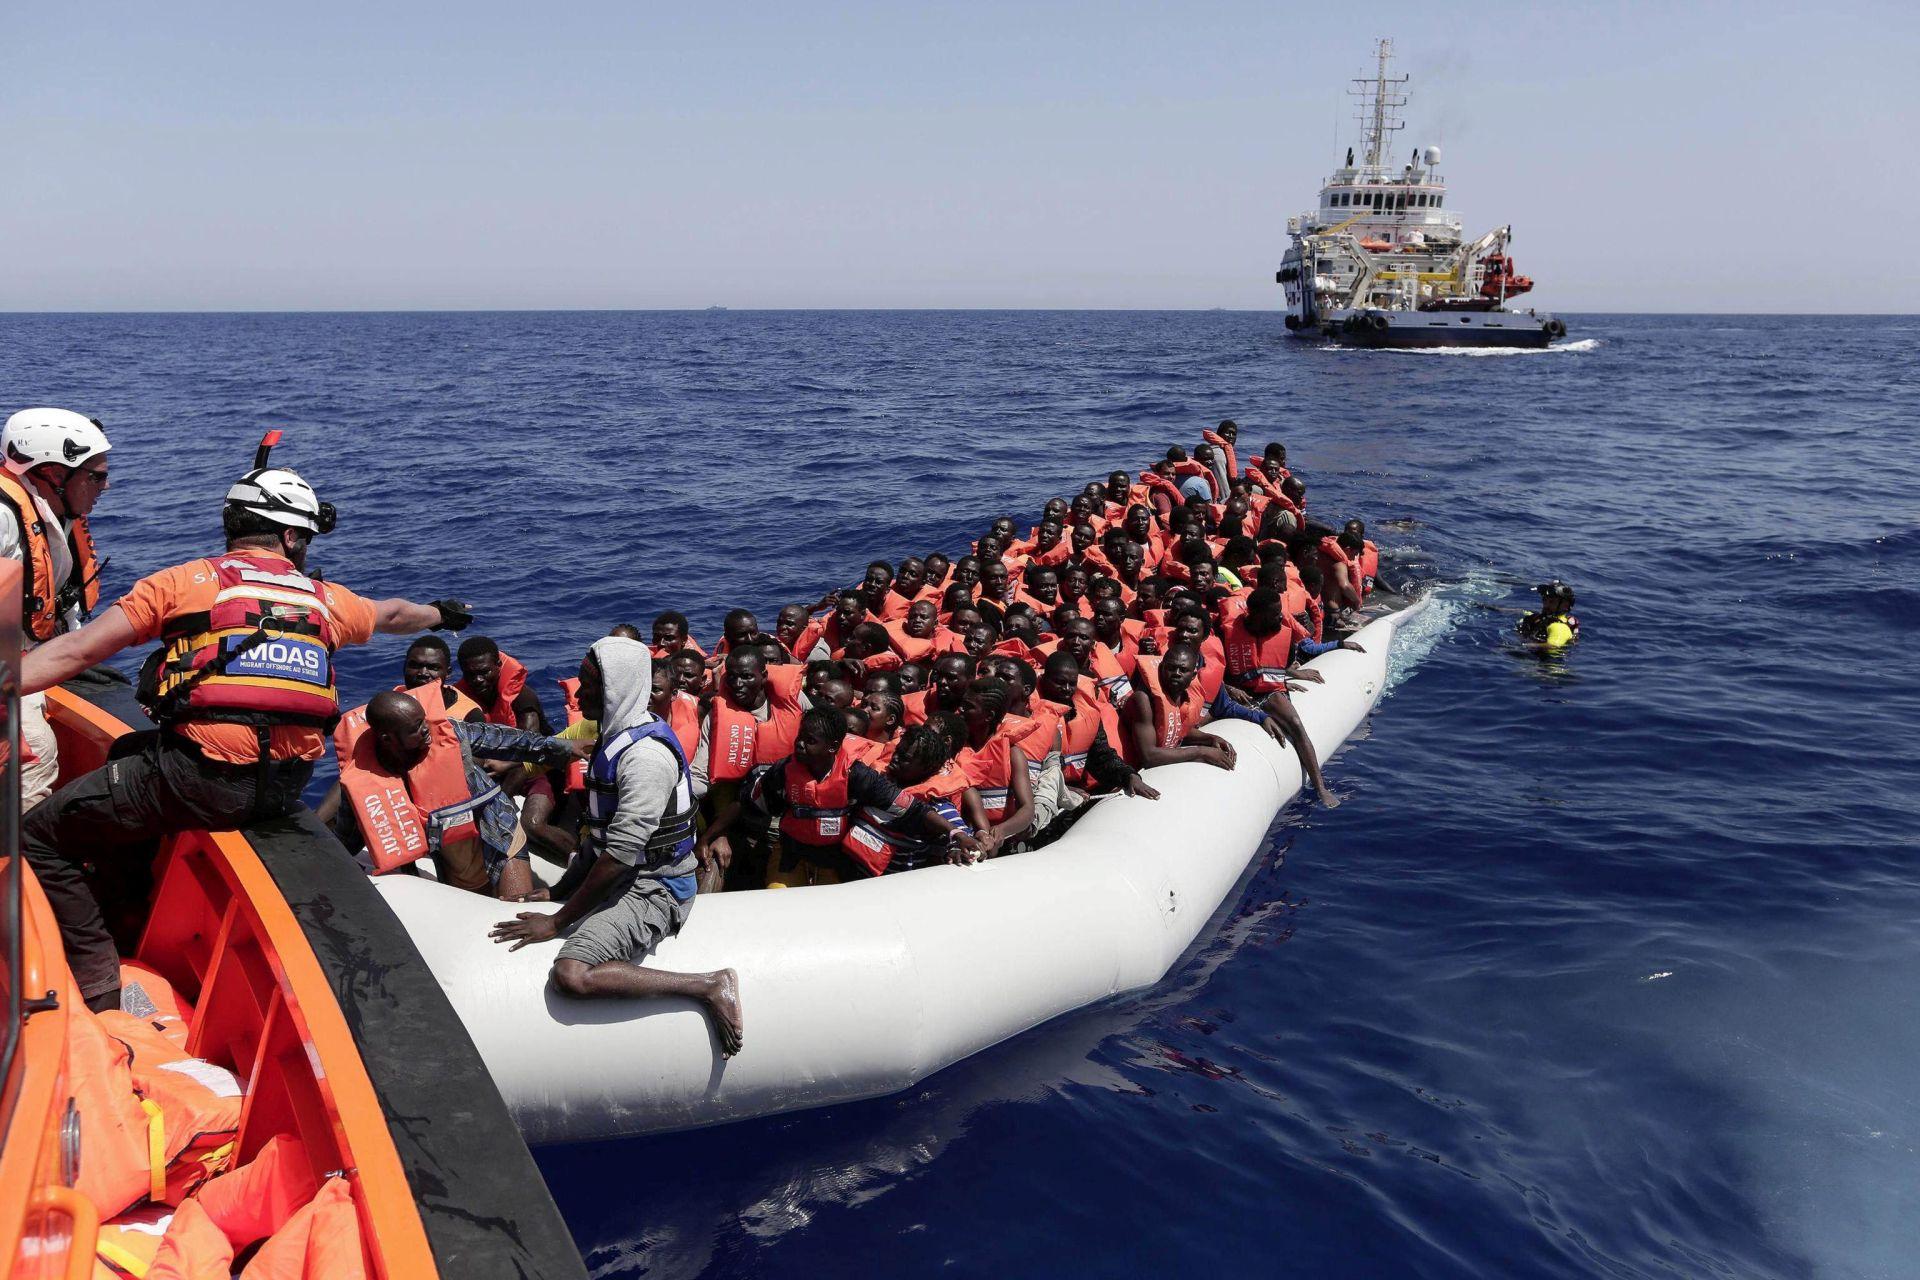 TALIJANSKA OBALNA STRAŽA: Na Sredozemnom moru spašeno 1725 migranata